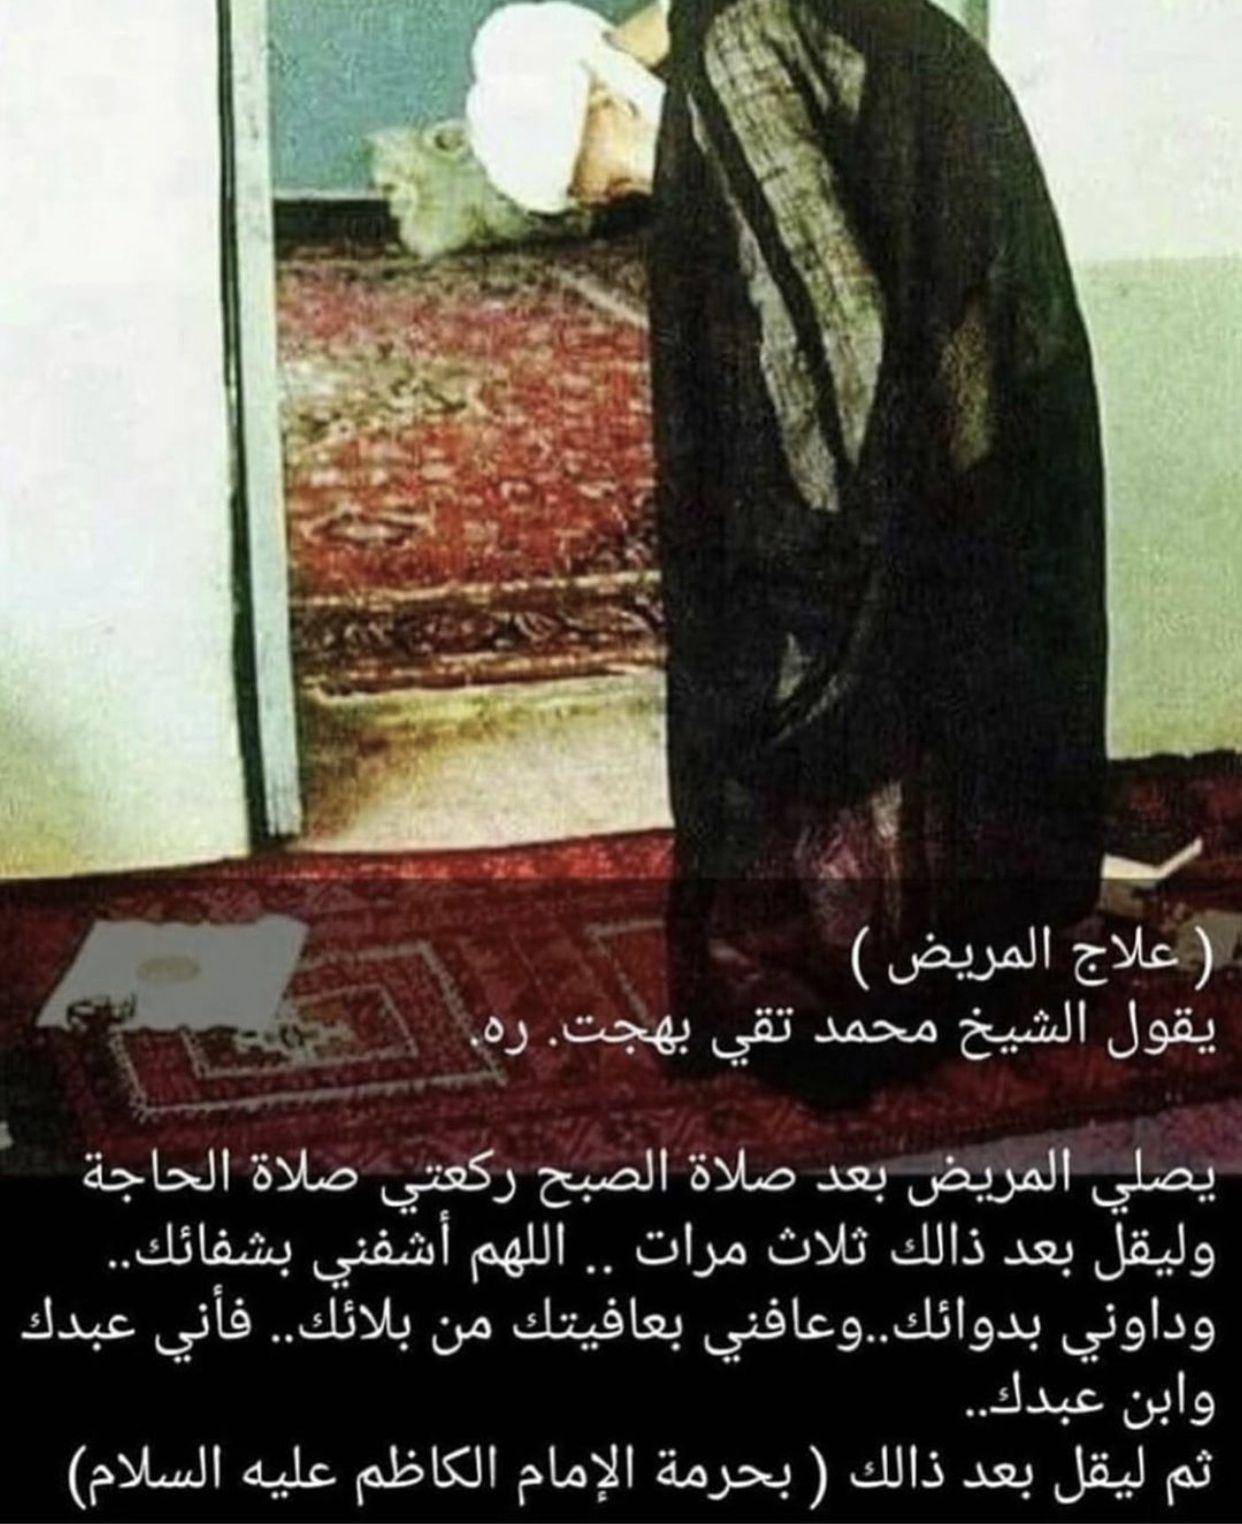 لشفاء من المرض Islamic Quotes Islam Hadith Islam